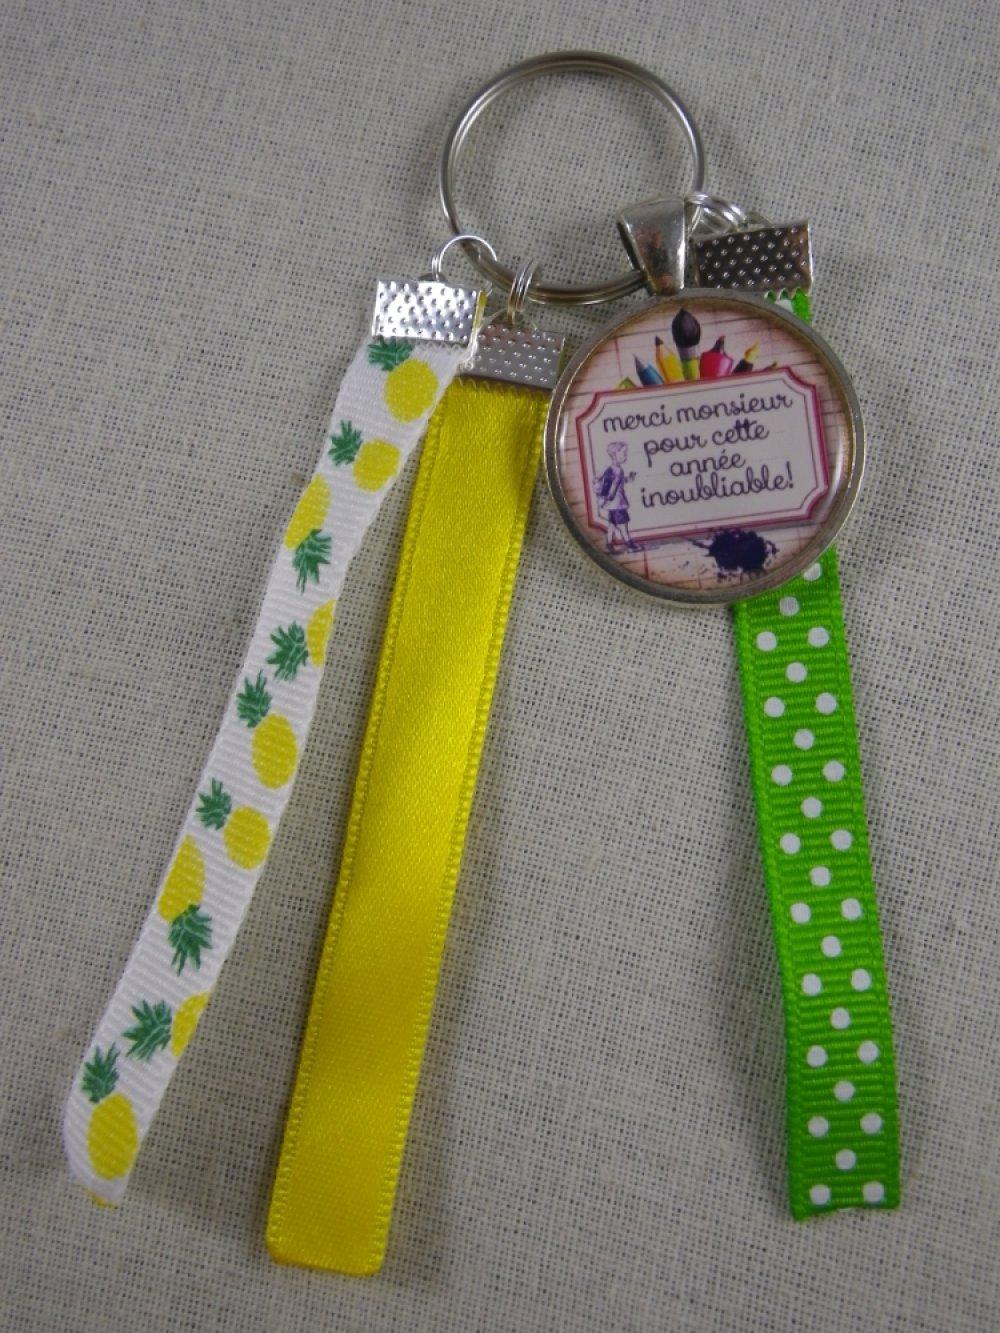 """Porte clés vert et jaune """"Merci monsieur pour cette année inoubliable"""""""